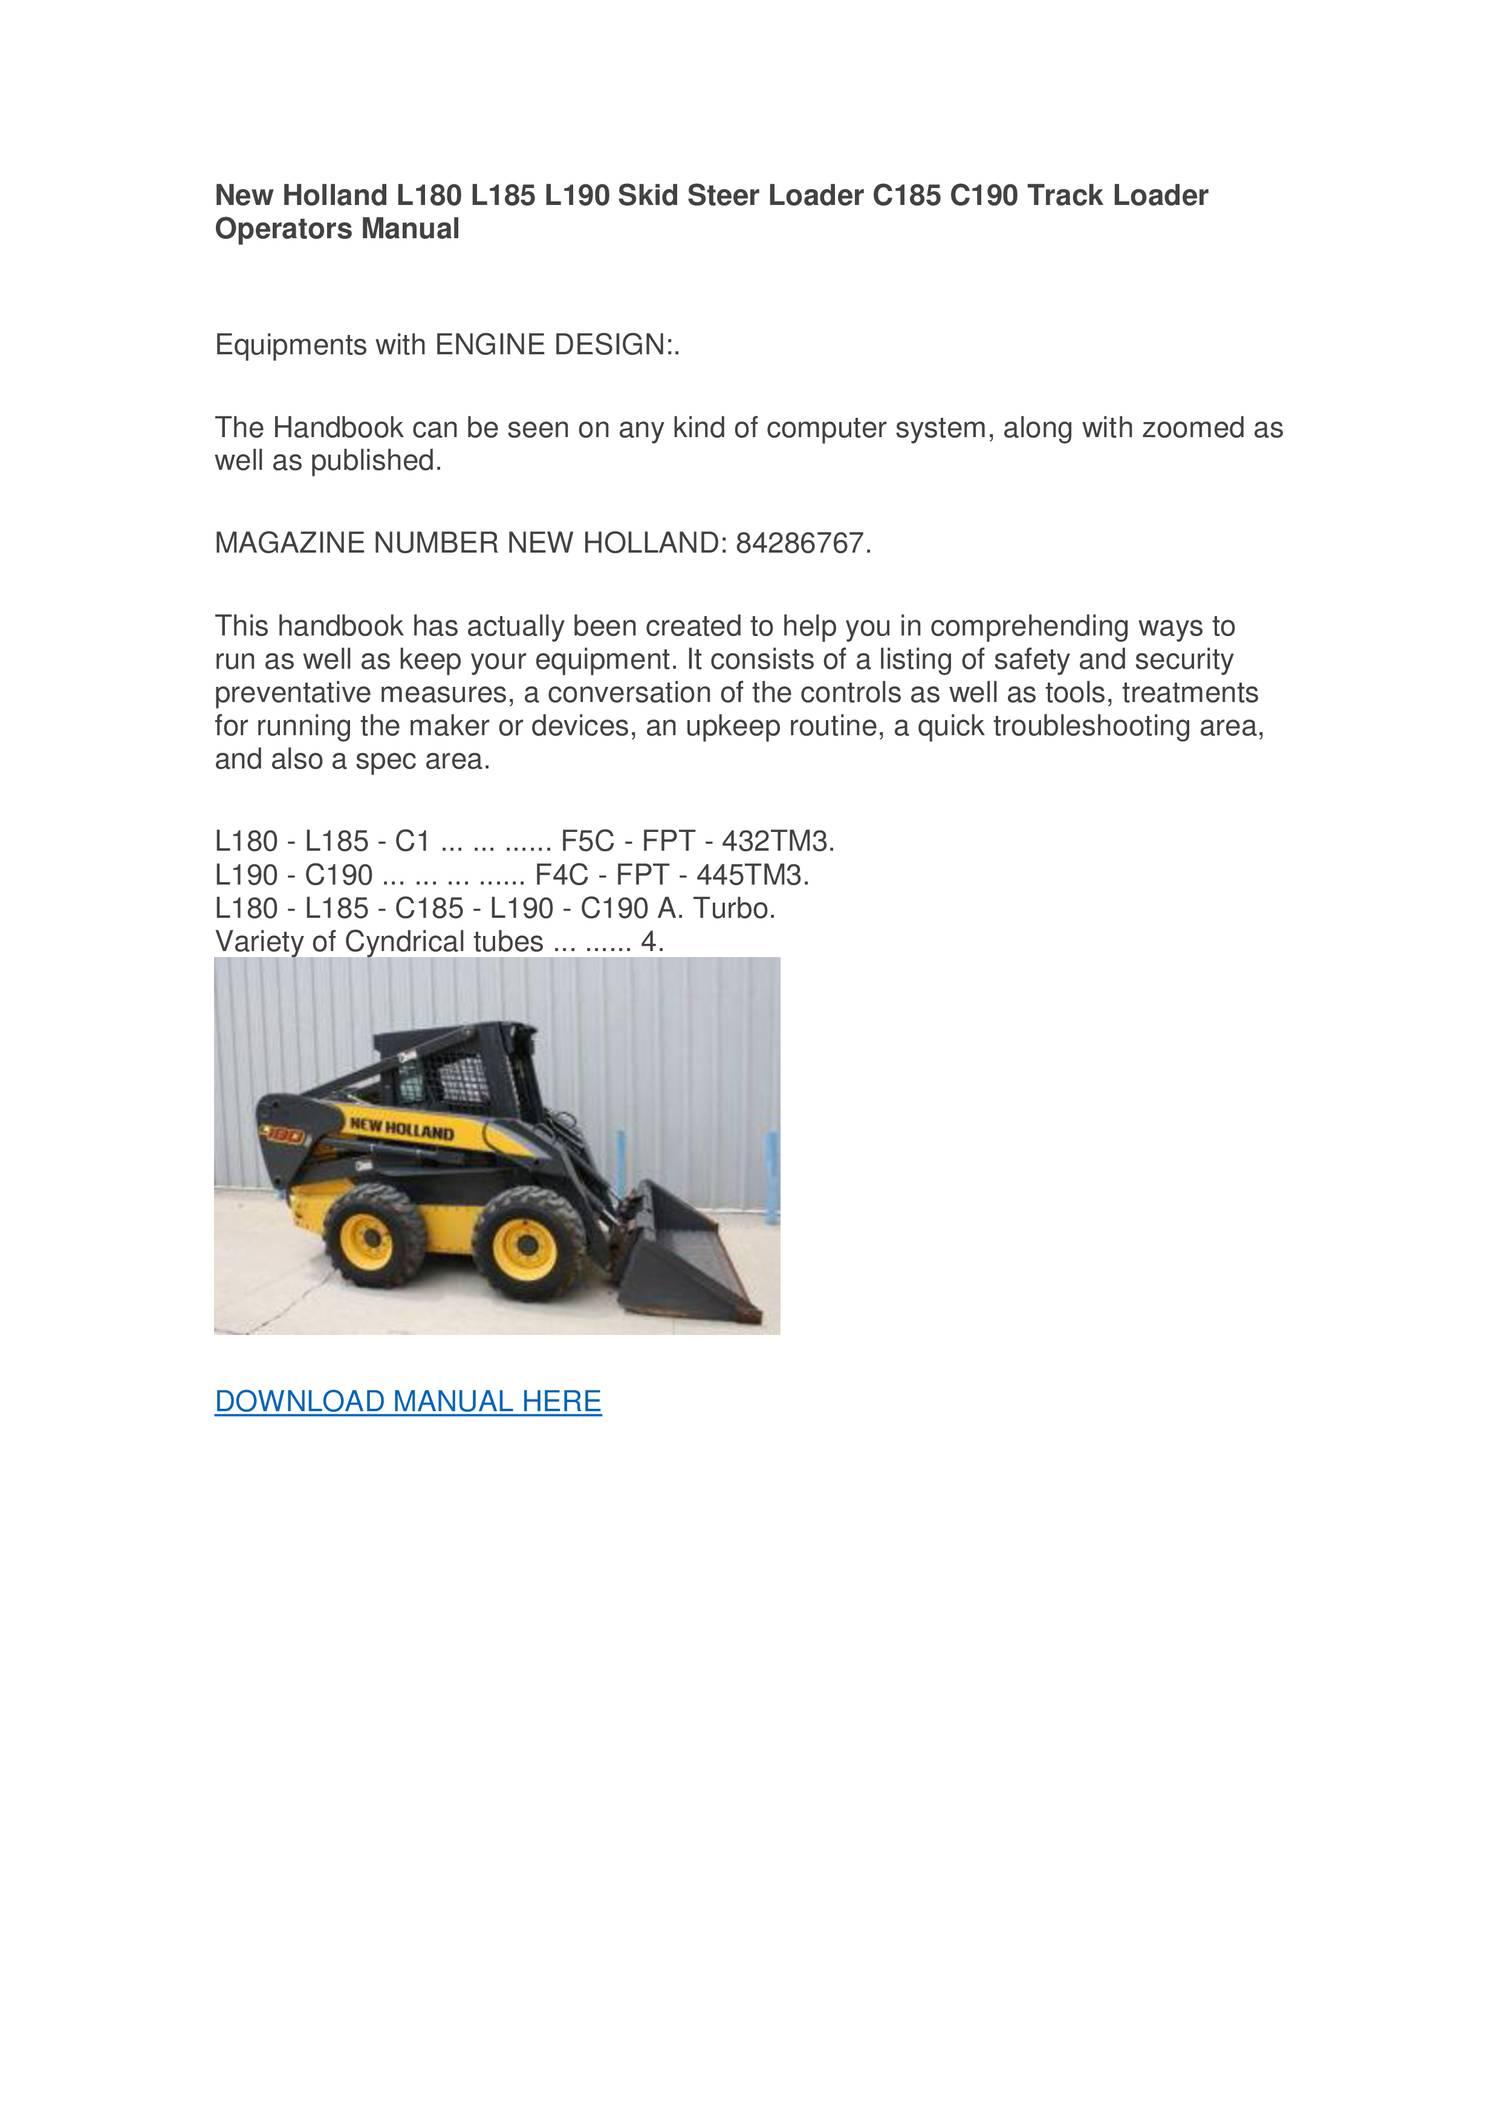 WRG-4669] New Holland L190 Skid Steer Operators Manual on